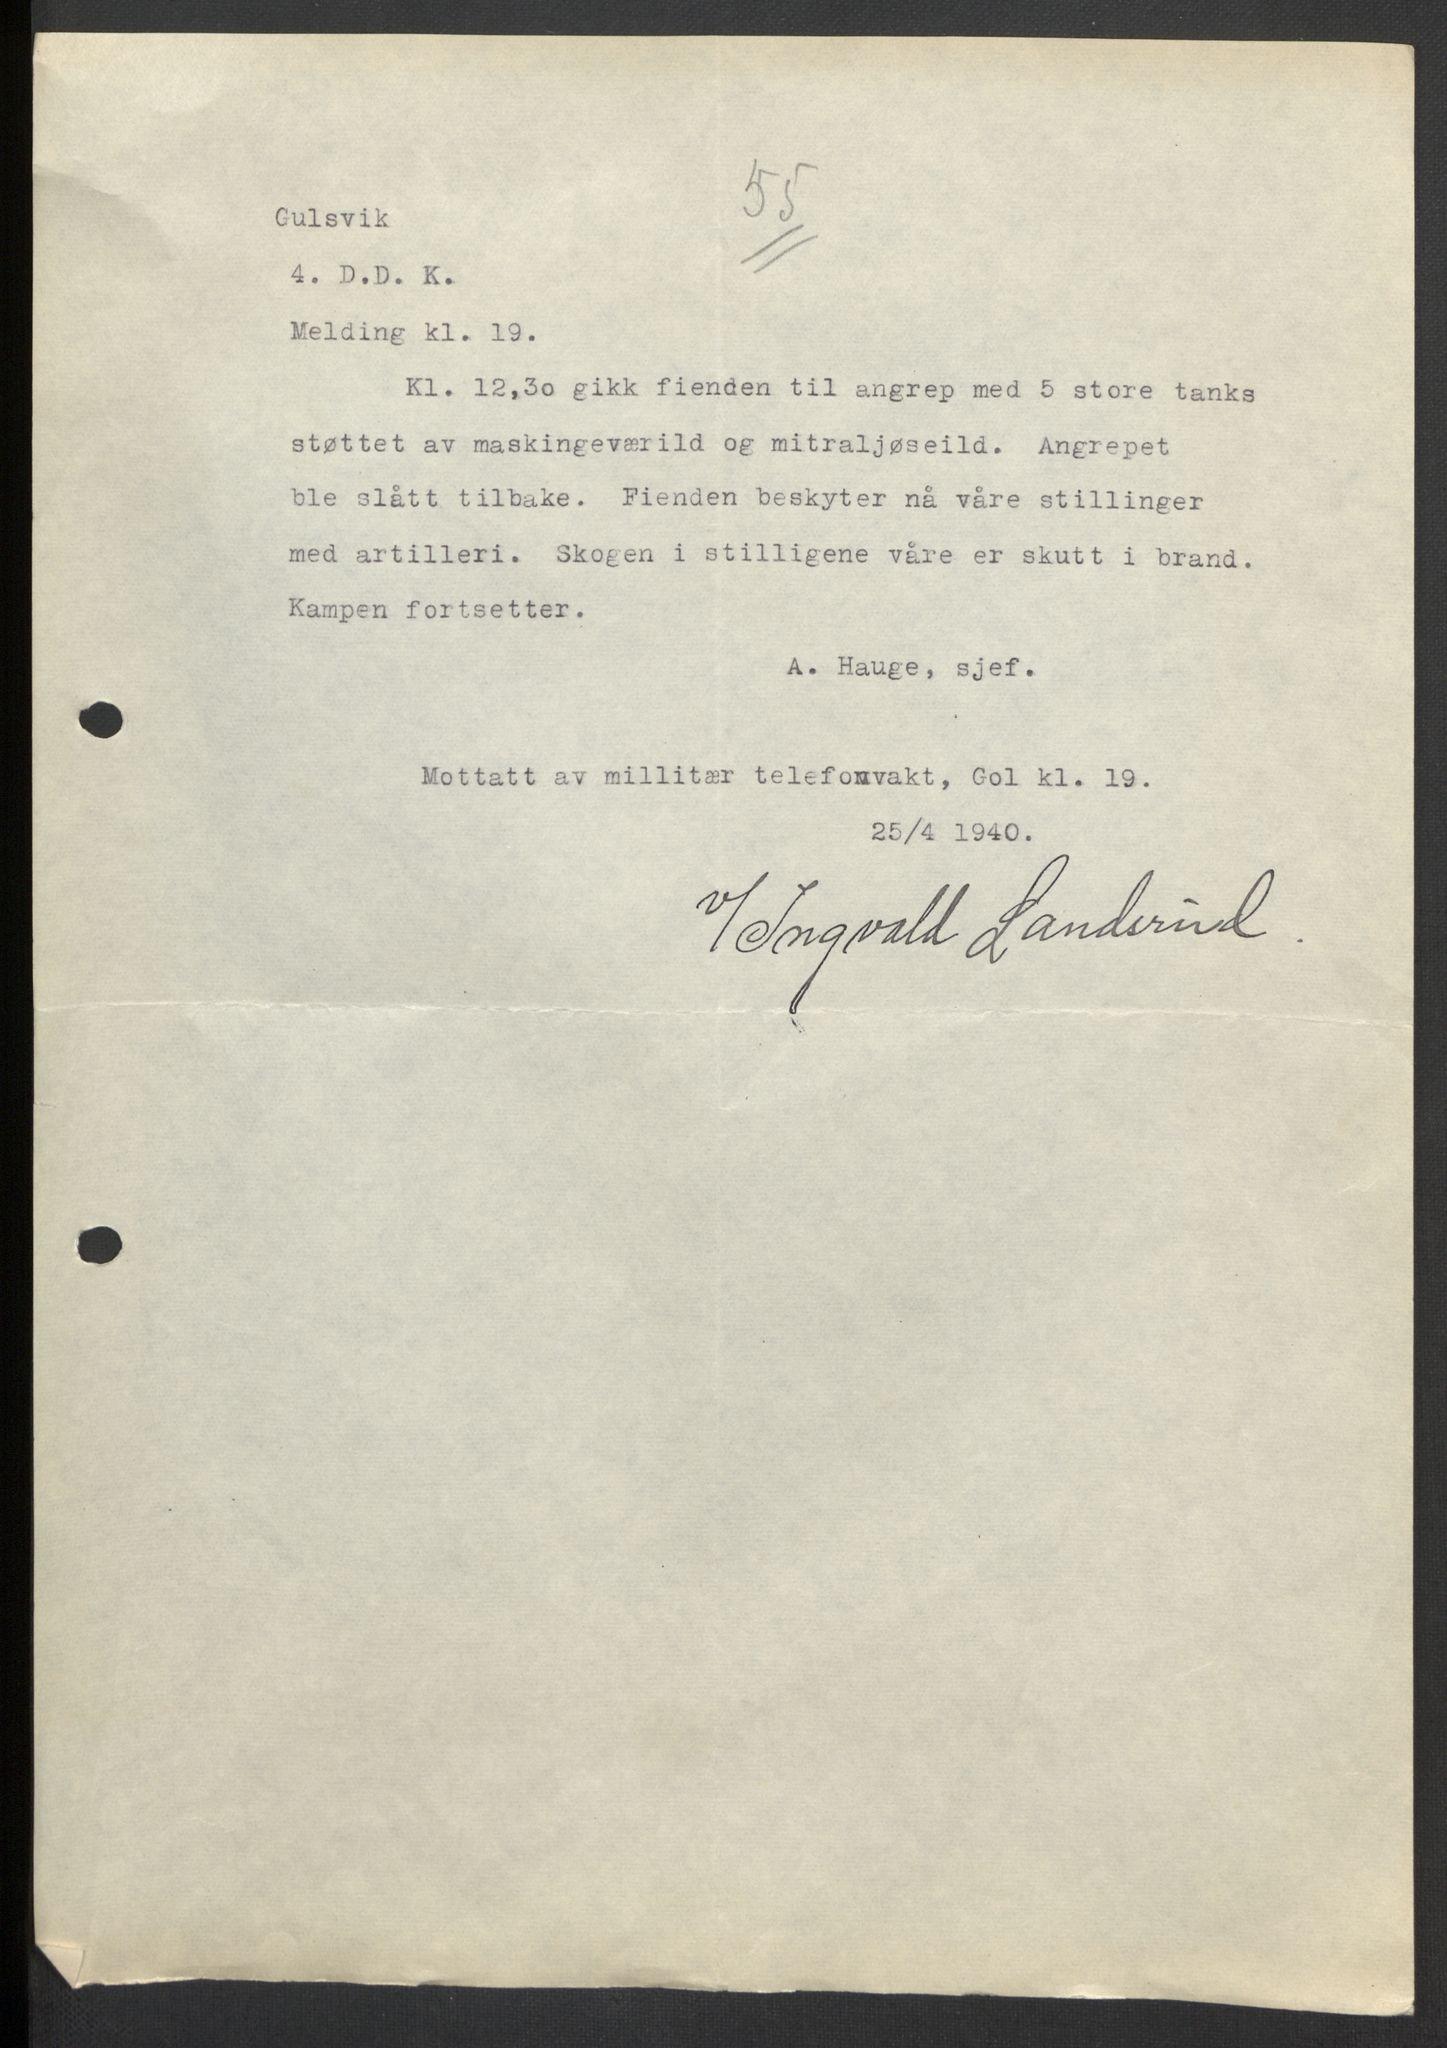 RA, Forsvaret, Forsvarets krigshistoriske avdeling, Y/Yb/L0104: II-C-11-430  -  4. Divisjon., 1940, s. 219